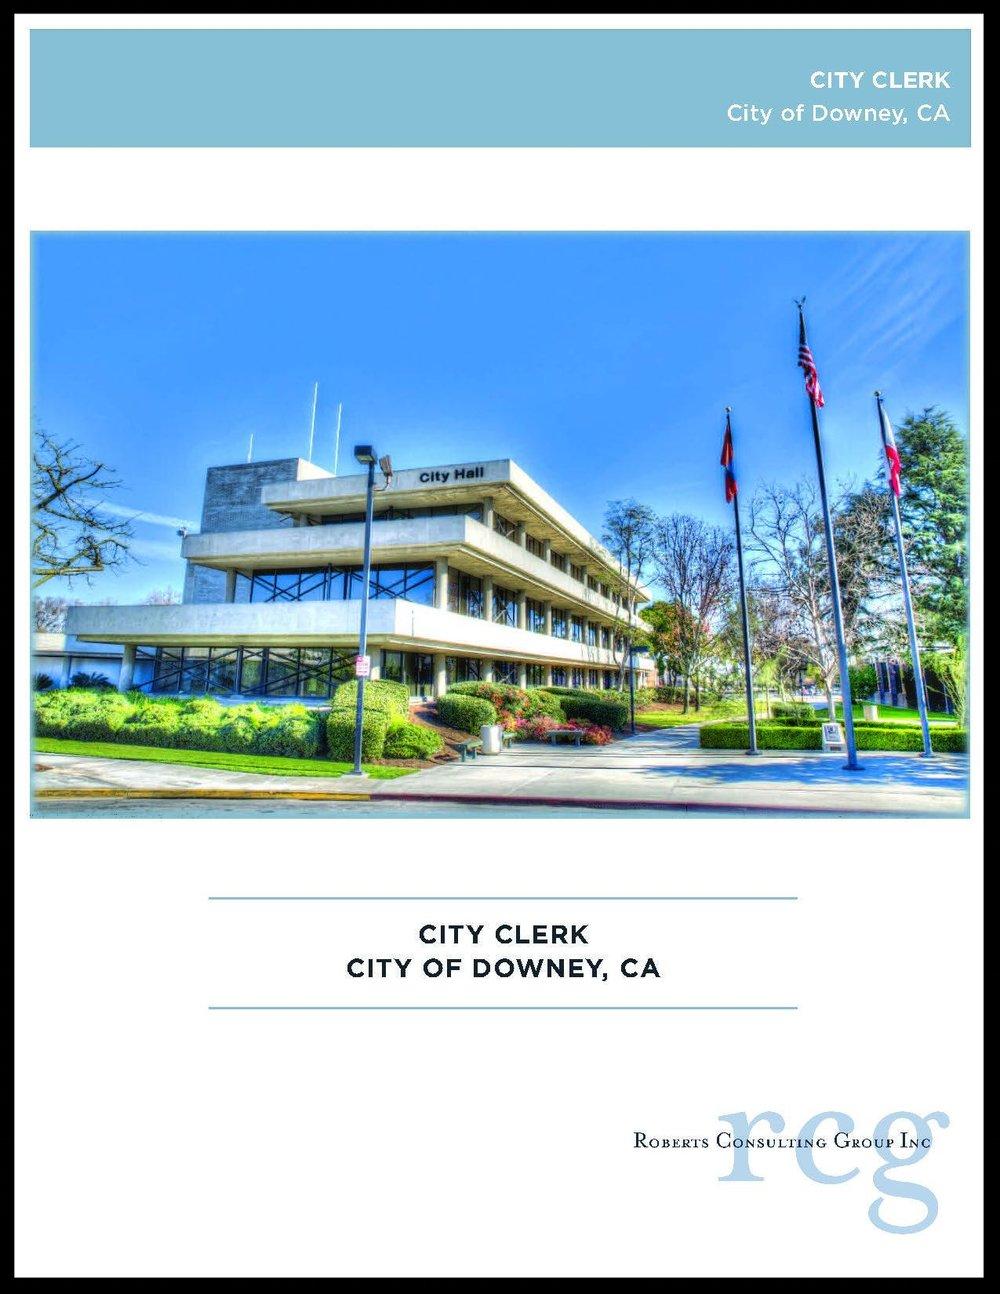 Downey_CityClerk_brochurecover